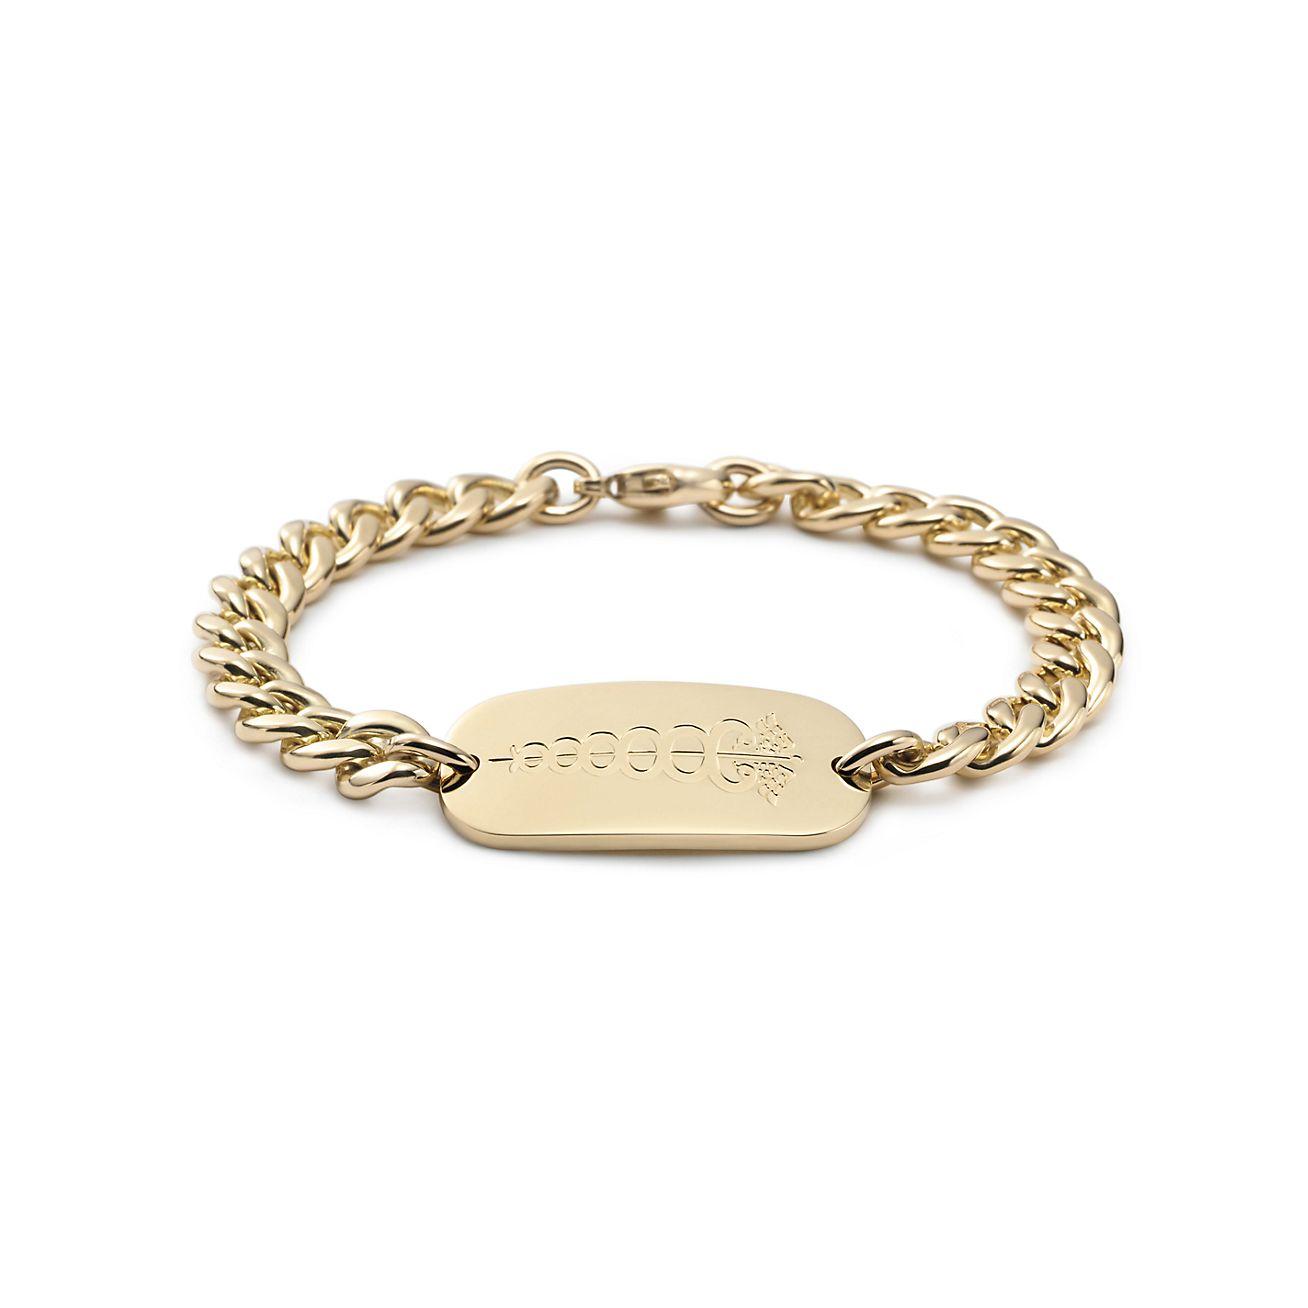 Diabetic Bracelets For Women Best Bracelets